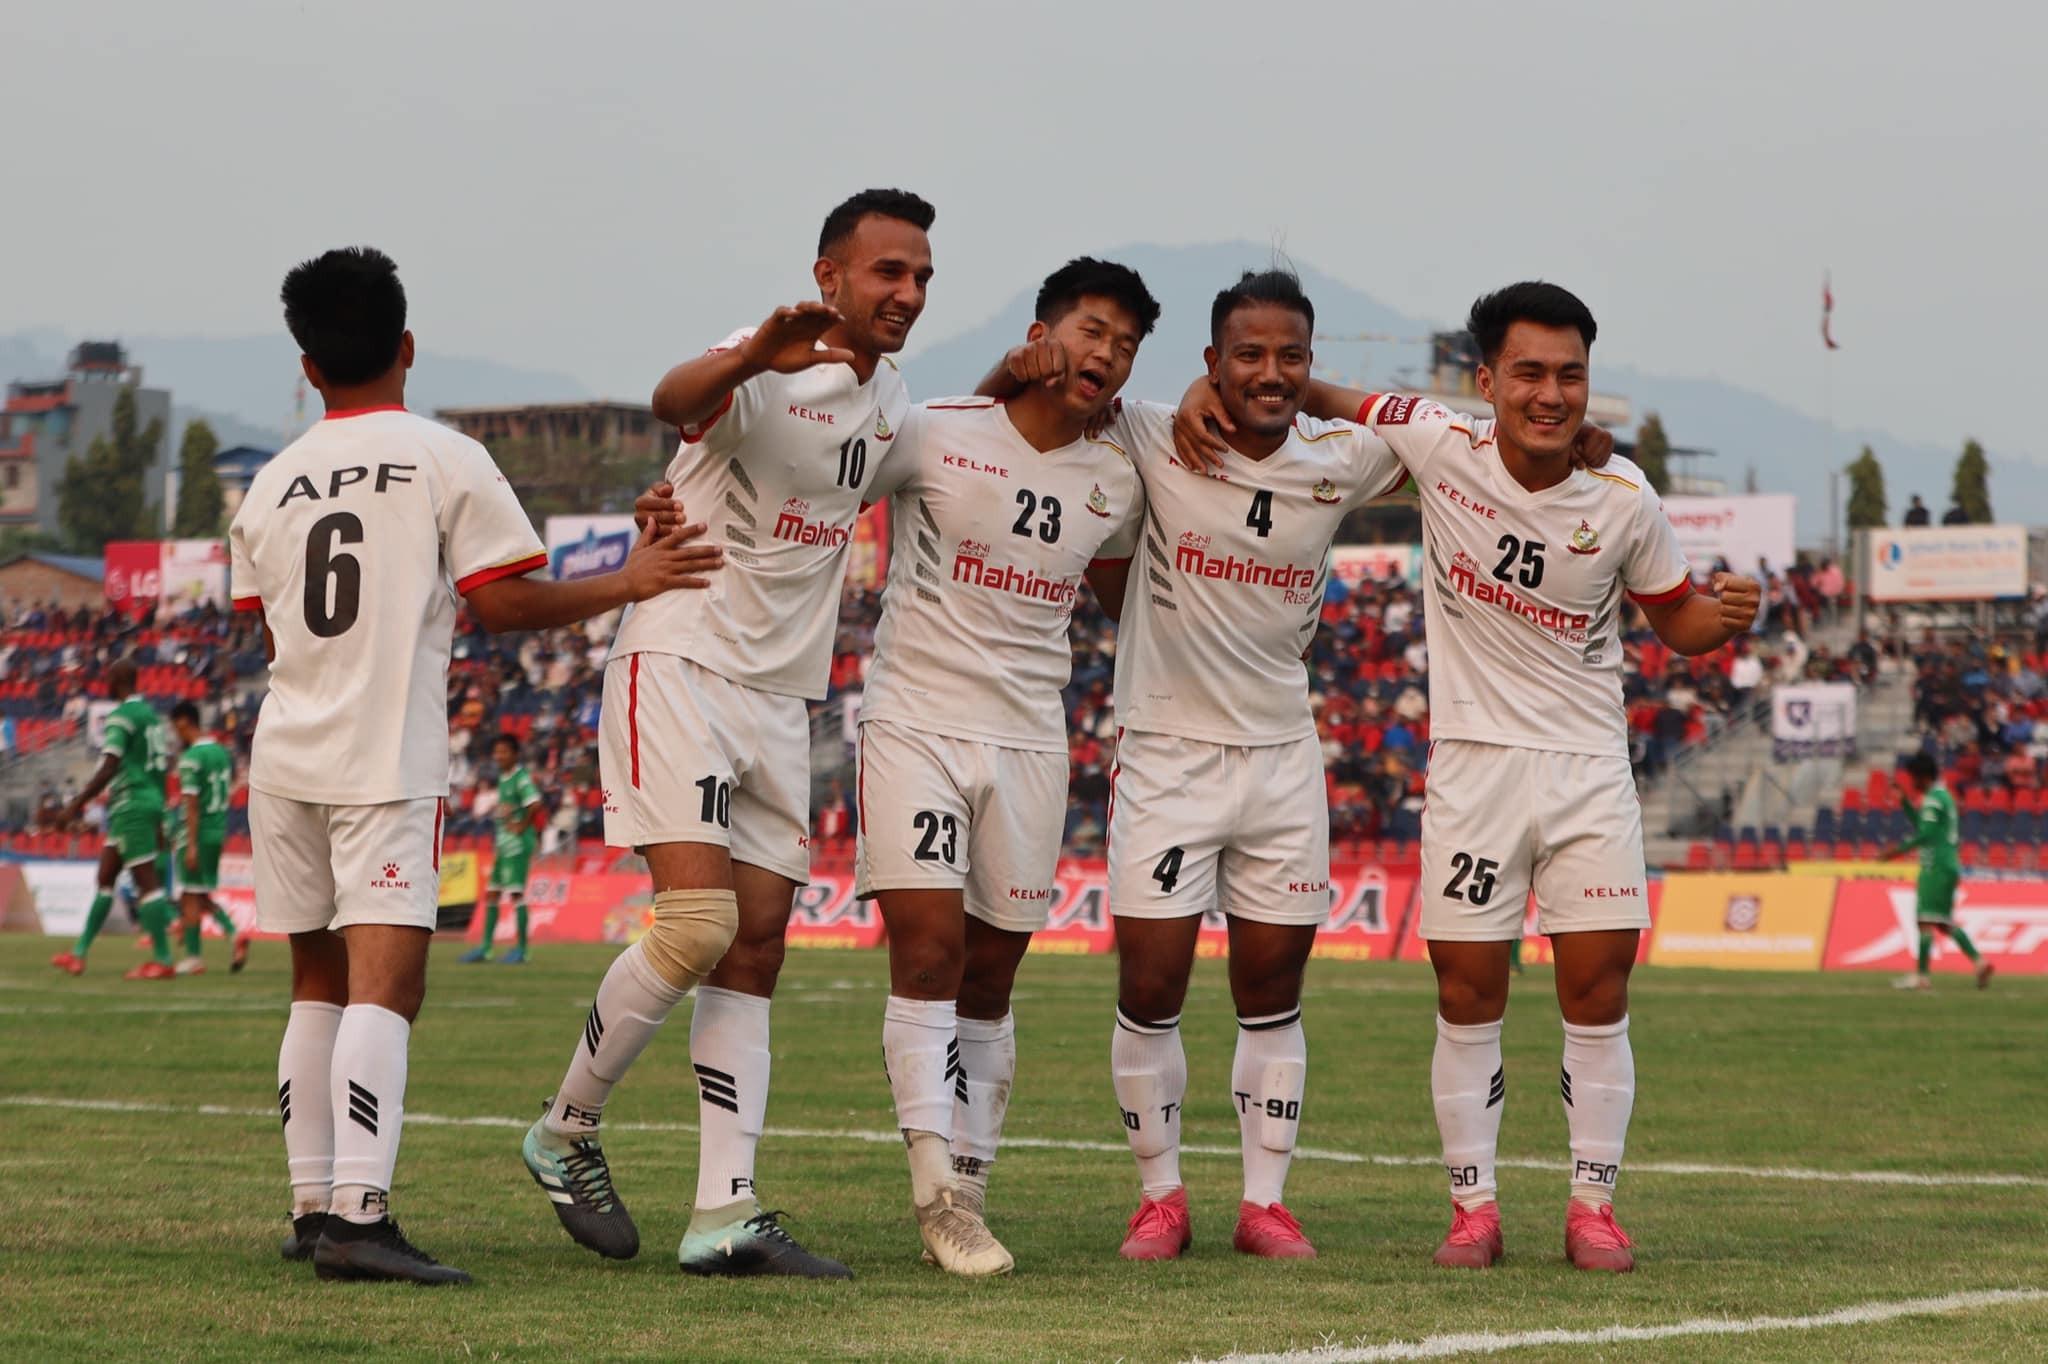 आयोजक साहारा क्लबलाइ पराजित गर्दै नेपाल एपिएफ क्लब सेमिफाइनलमा प्रवेश  ।